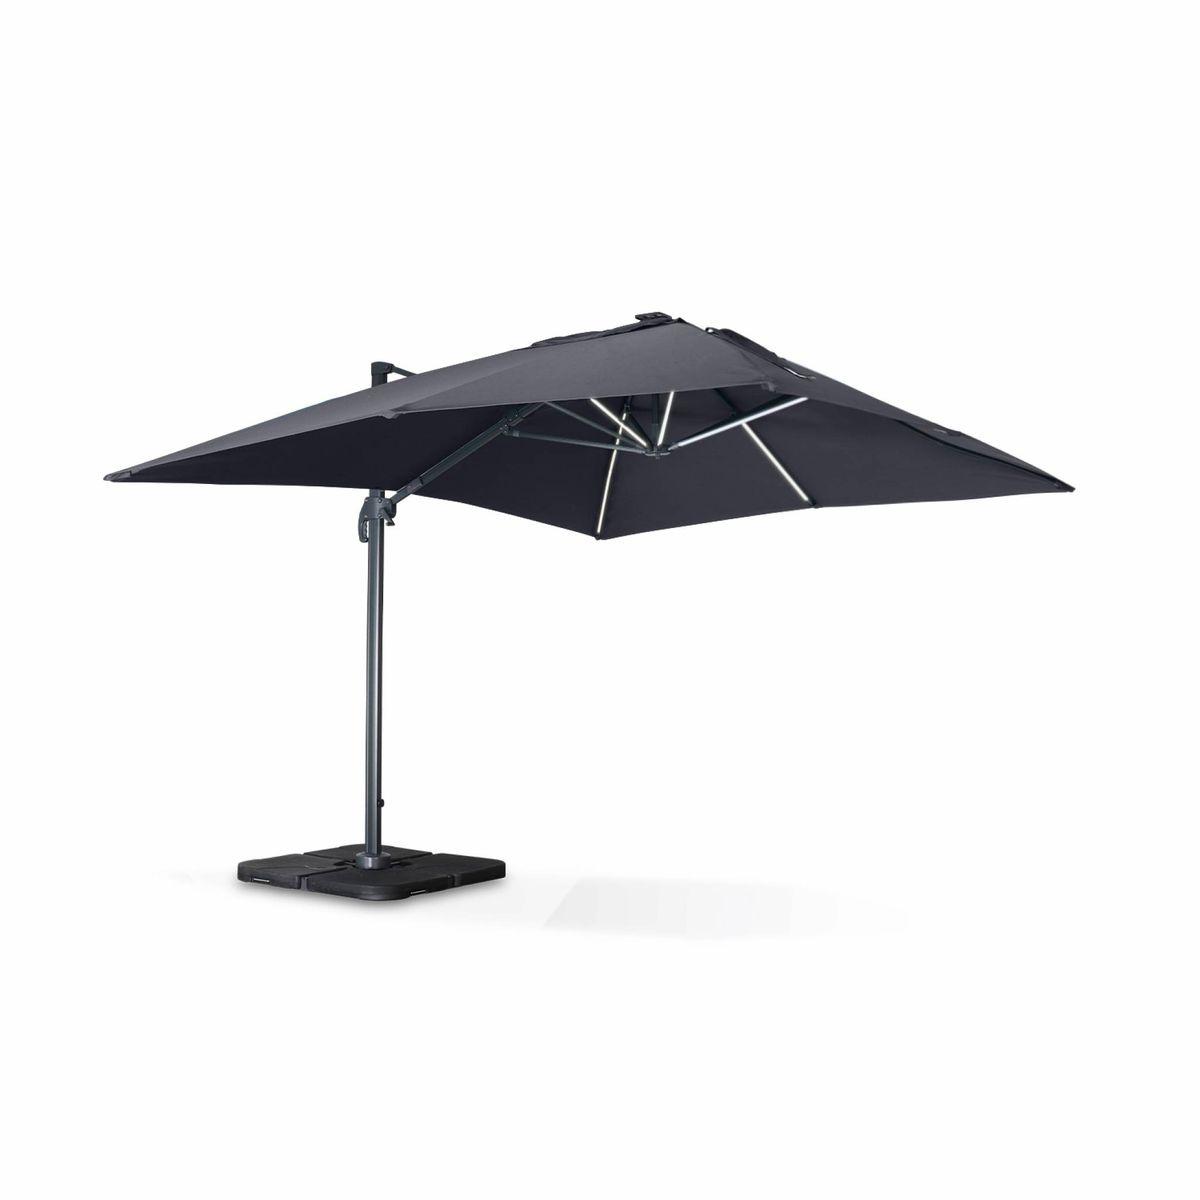 Luce 3x4m Déporté Led Achat Gris Parasol Vente Avec 1cFlKJ